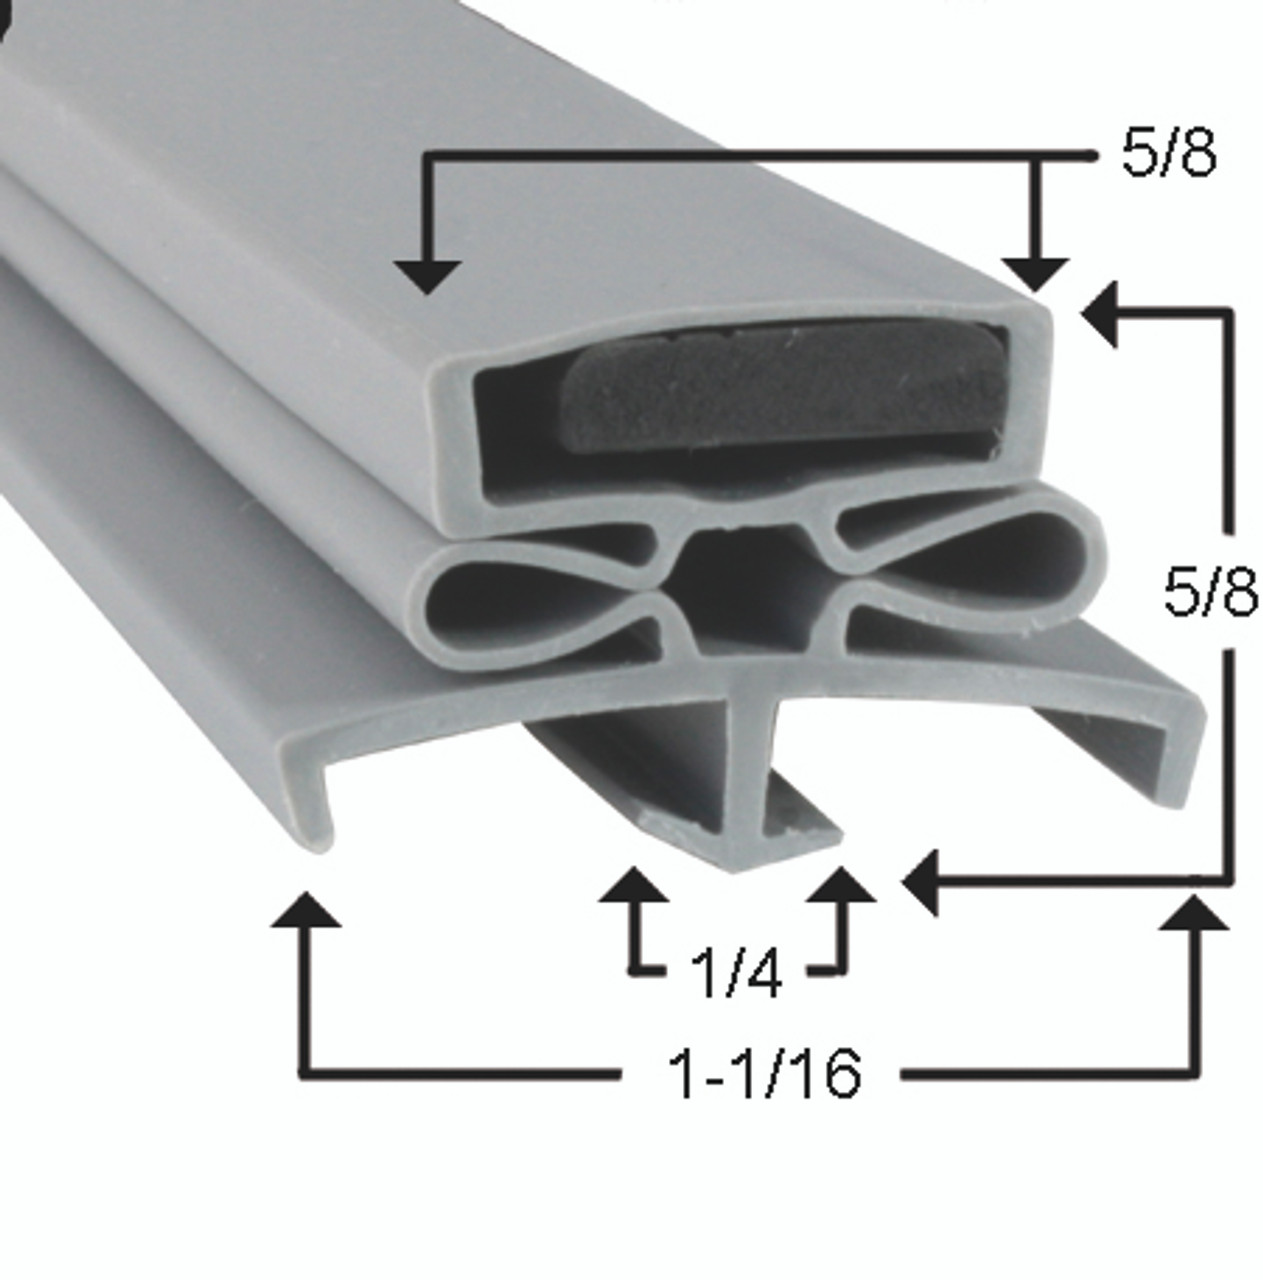 Star-Cooler-and-Freezer-Door-Gasket-Style-9527-30-x-30-1-4_2